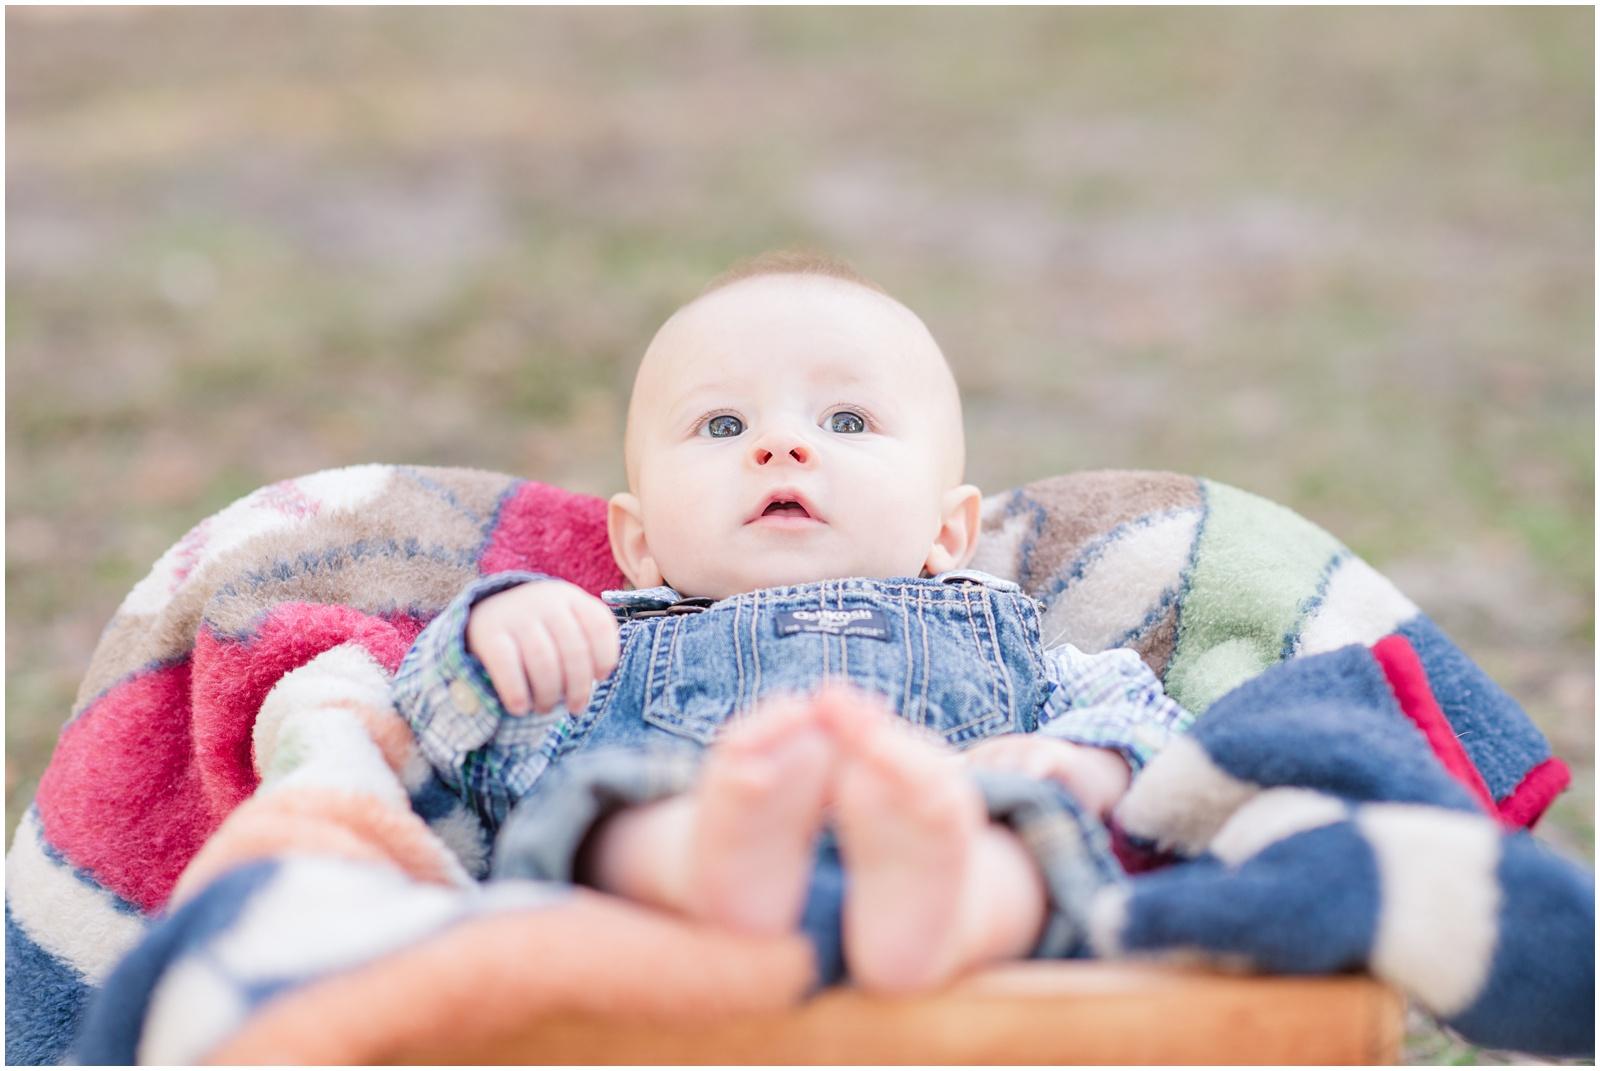 Newborn_Portraits_3 Months_Baby_Alpine Groves Park_5.jpg